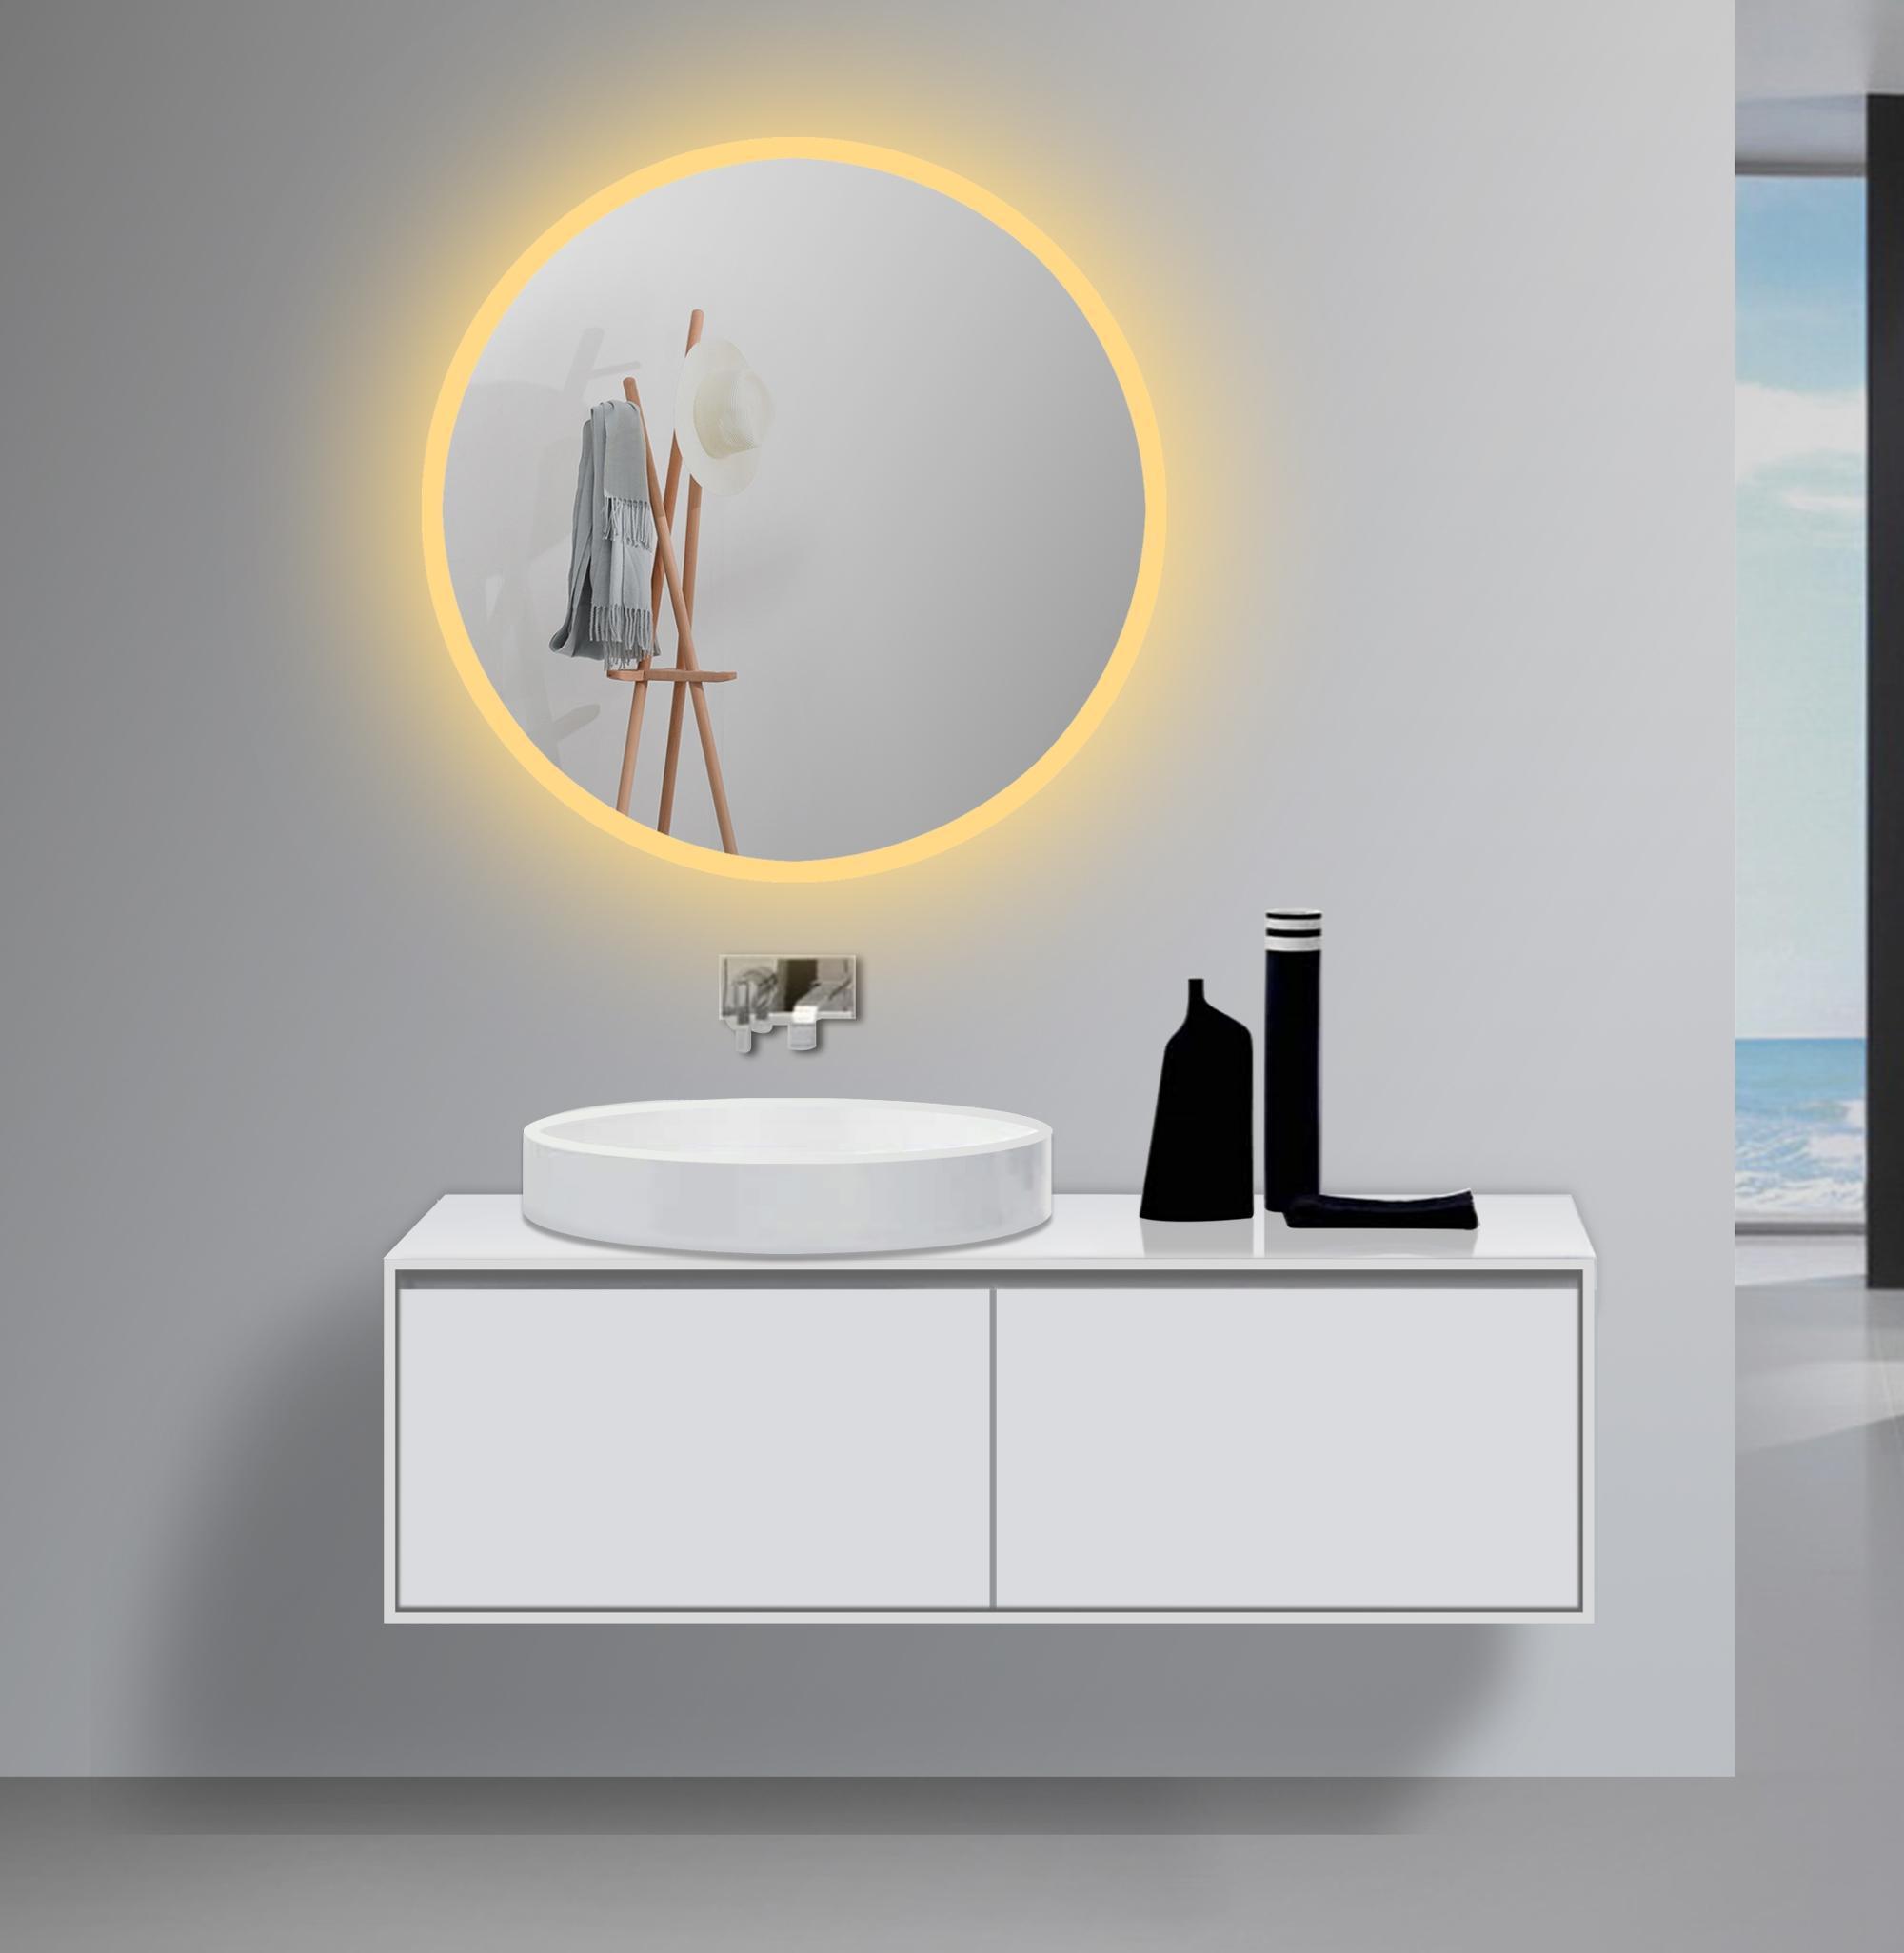 Top Moderne Ontwerp Muur Badkamer Led Verlichting Ronde Spiegels Voor GD72